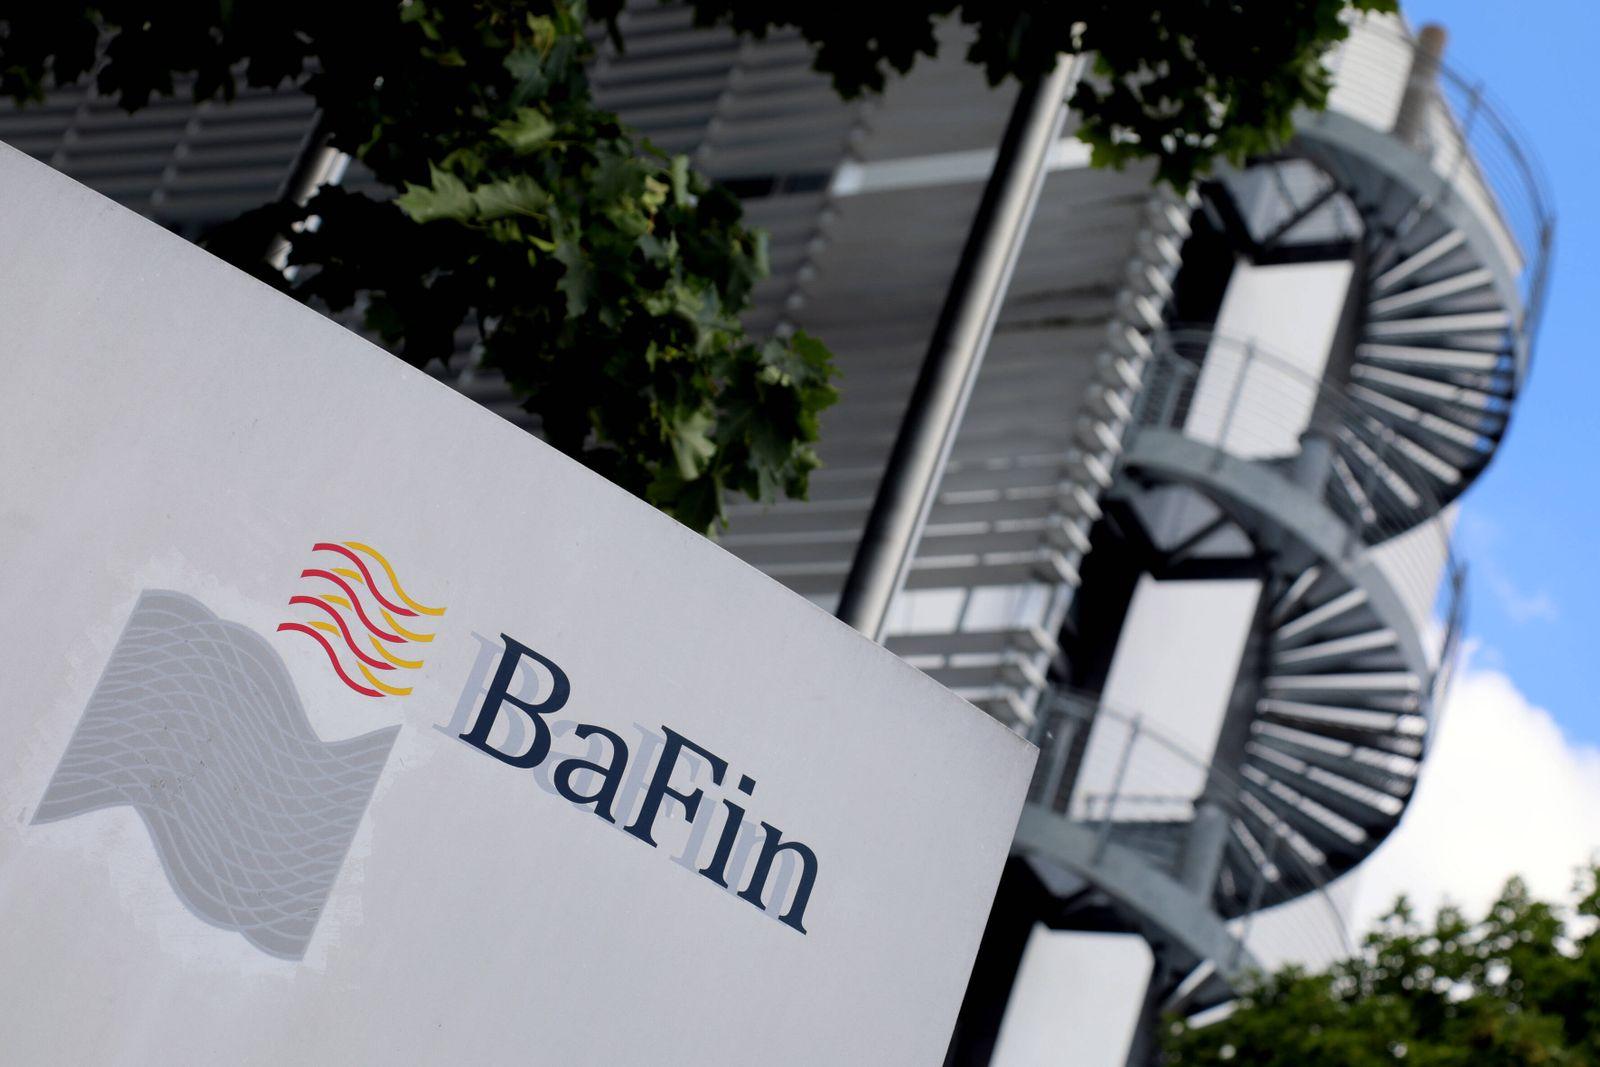 01.07.2020, Frankfurt, DEU Logo am Verwaltungsgebaeude der Bafin, der Bundesanstalt fuer Finanzdienstleistungsaufsicht,